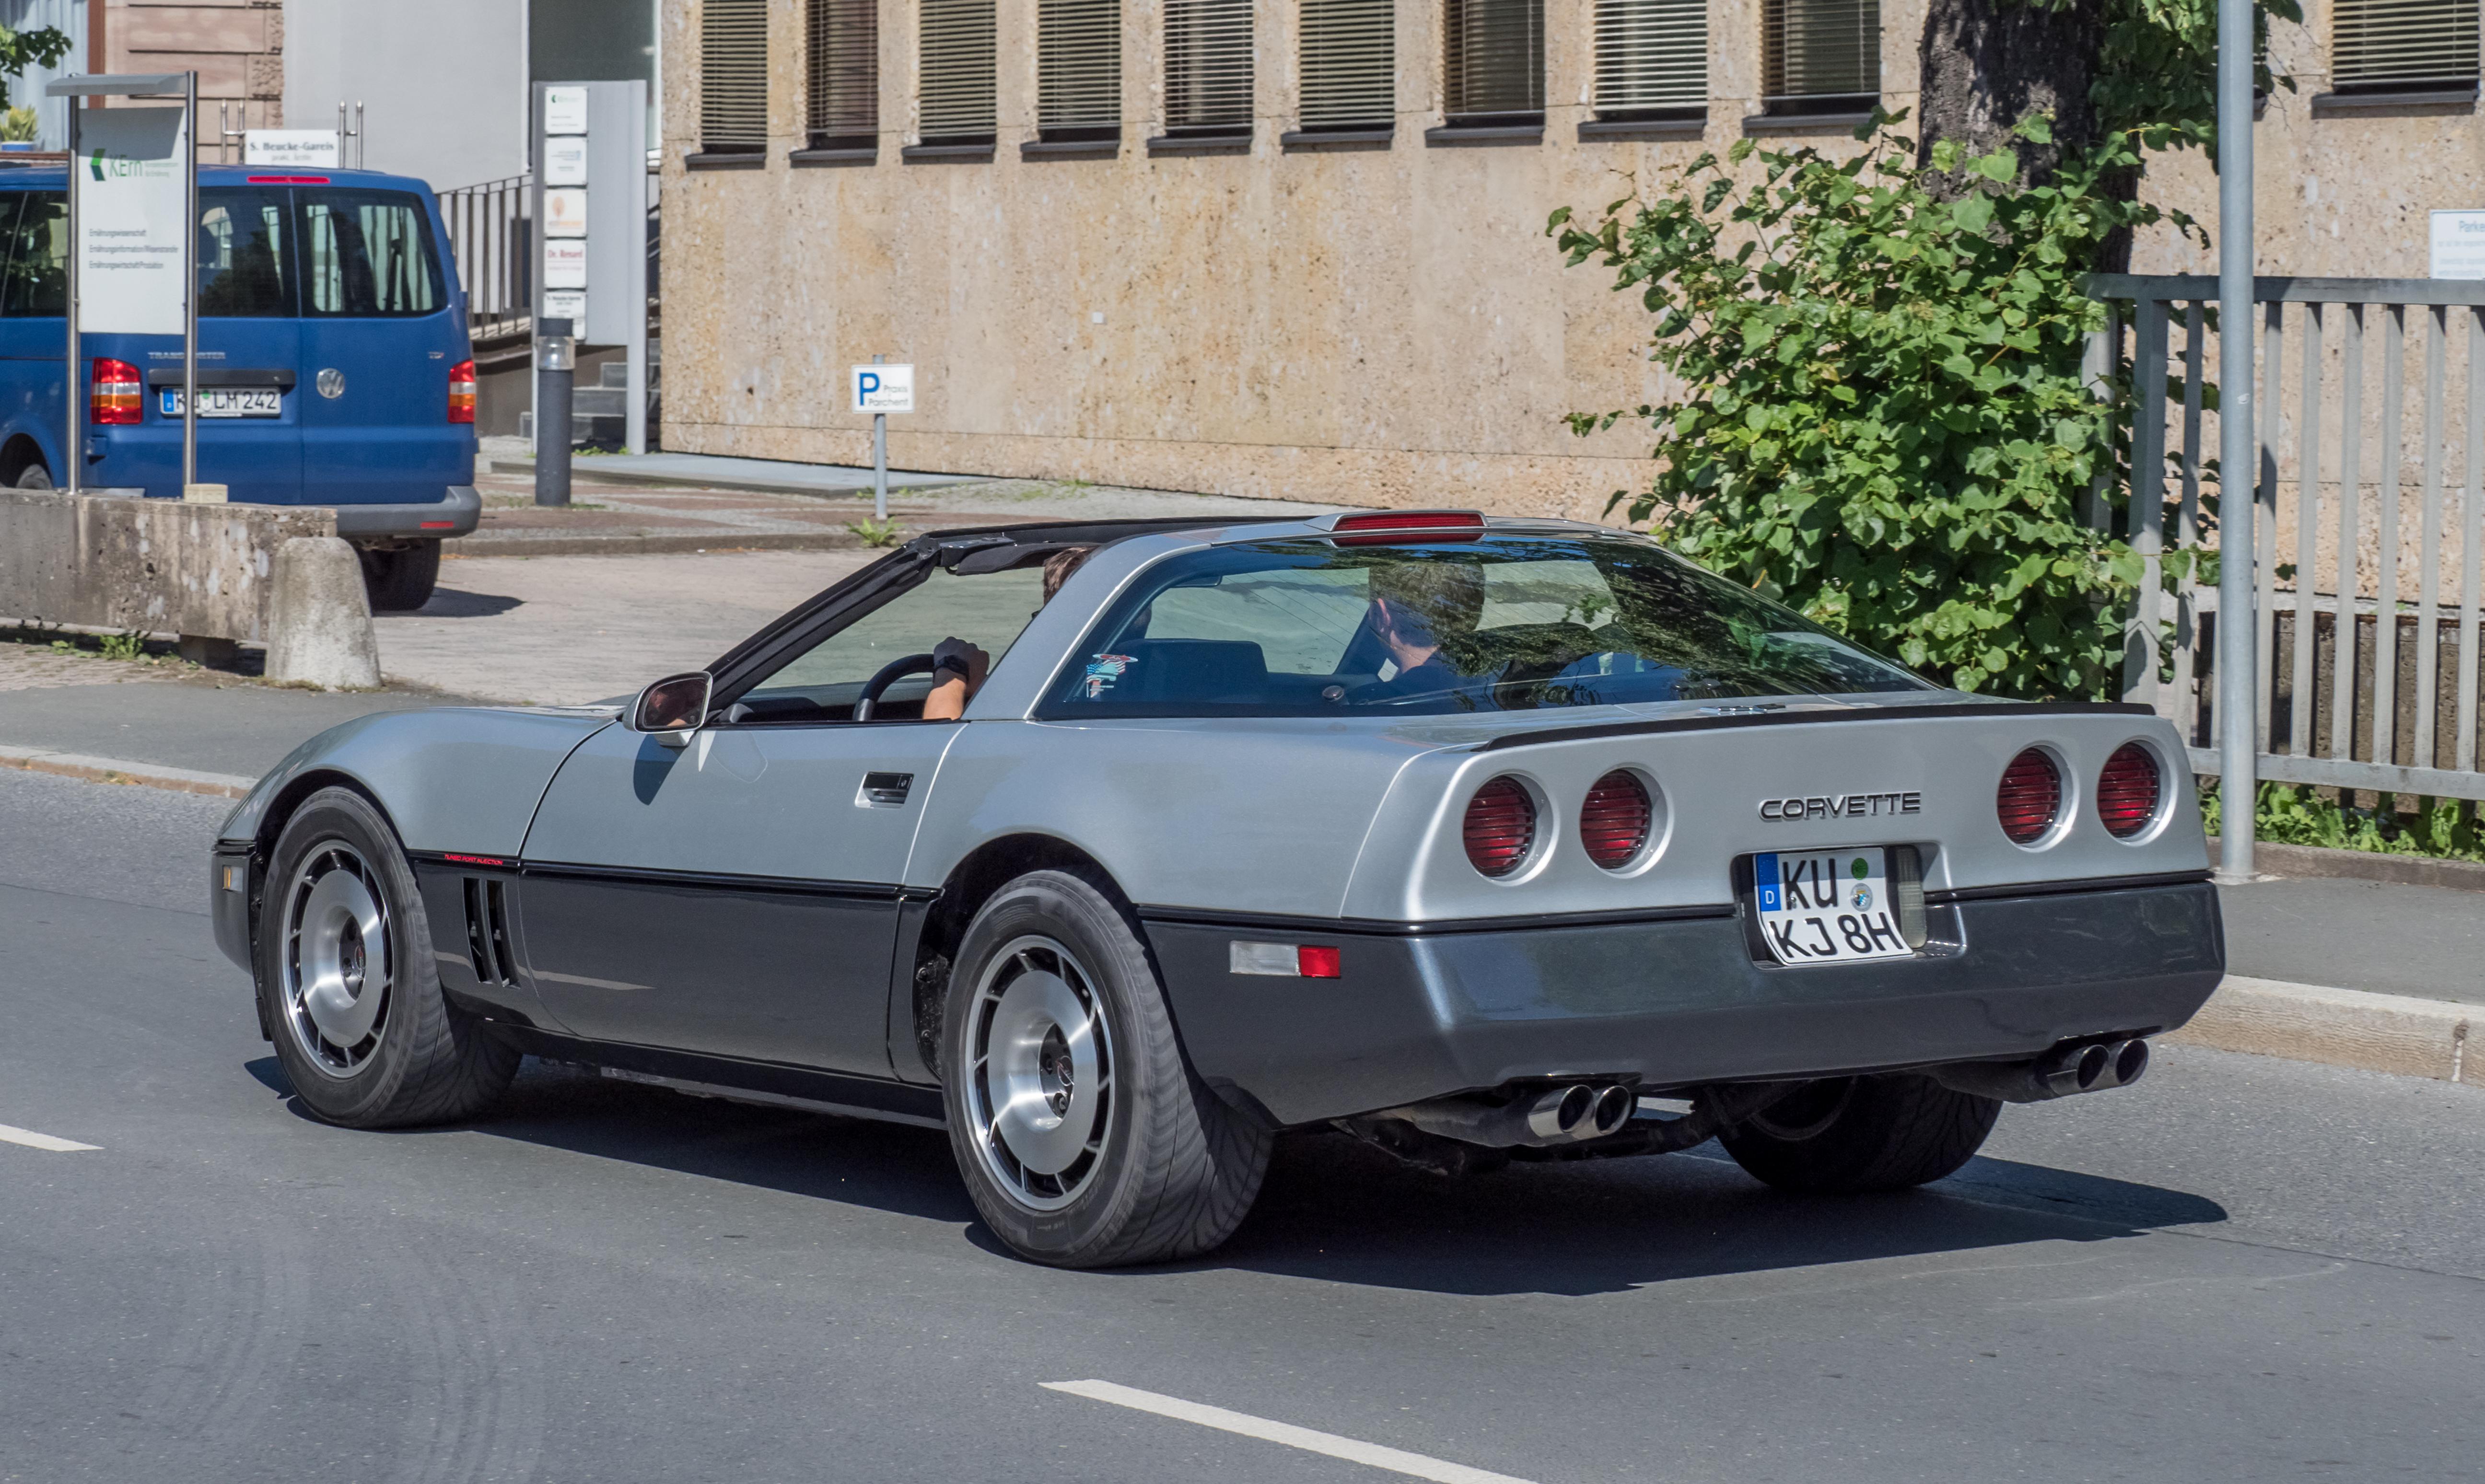 Kelebihan Kekurangan Chevrolet Corvette C4 Perbandingan Harga